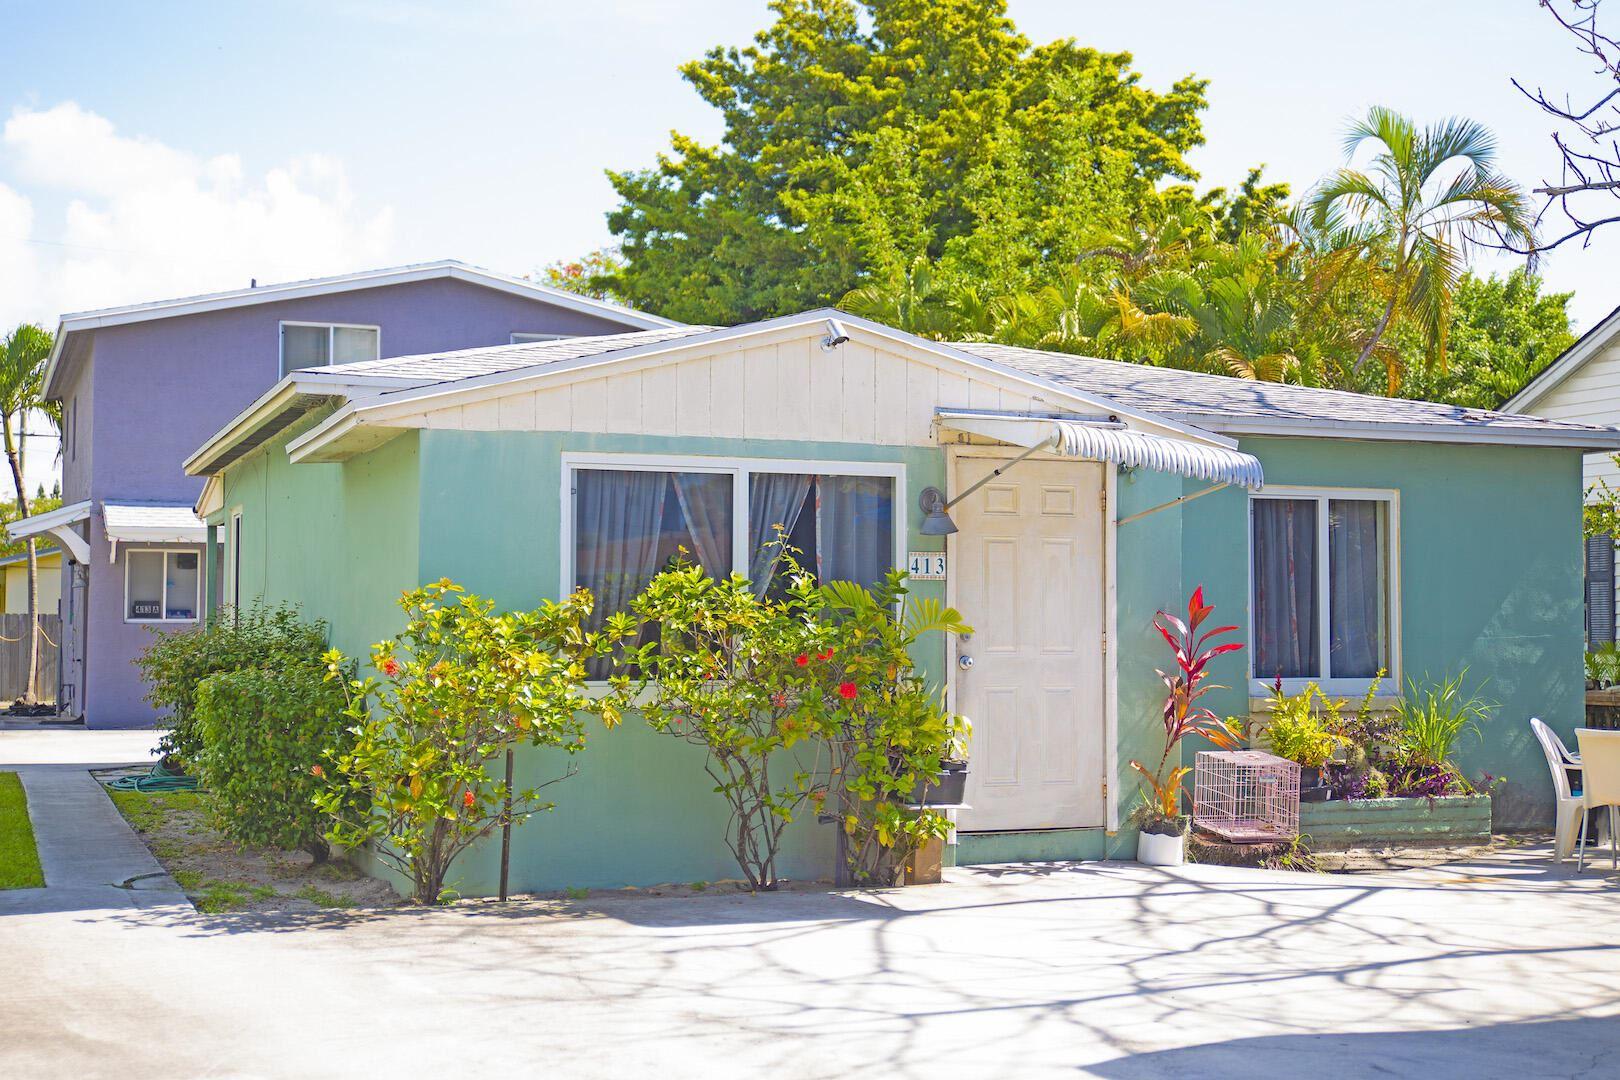 413 SE 22nd Street #1-3, Fort Lauderdale, FL 33316 - #: RX-10729541